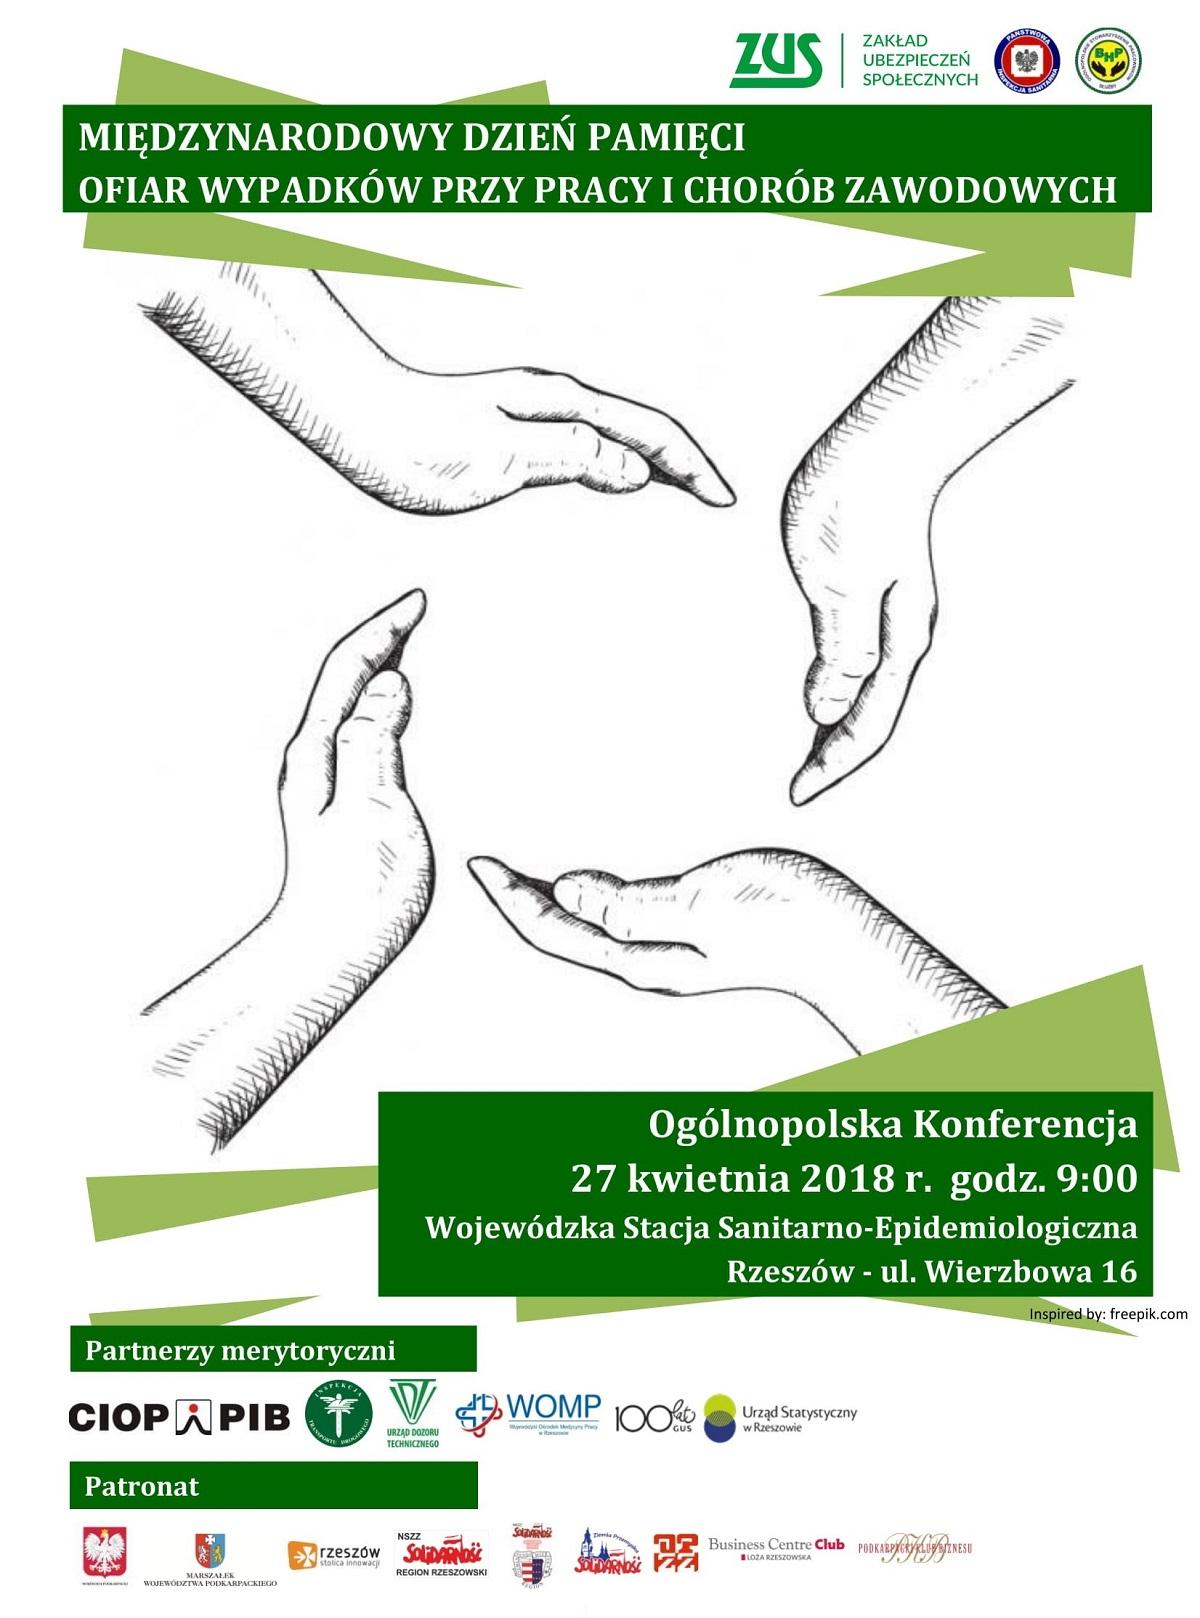 Międzynarodowy Dzień Pamięci Ofiar Wypadków Przy Pracy i Chorób Zawodowych - Zdjęcie główne